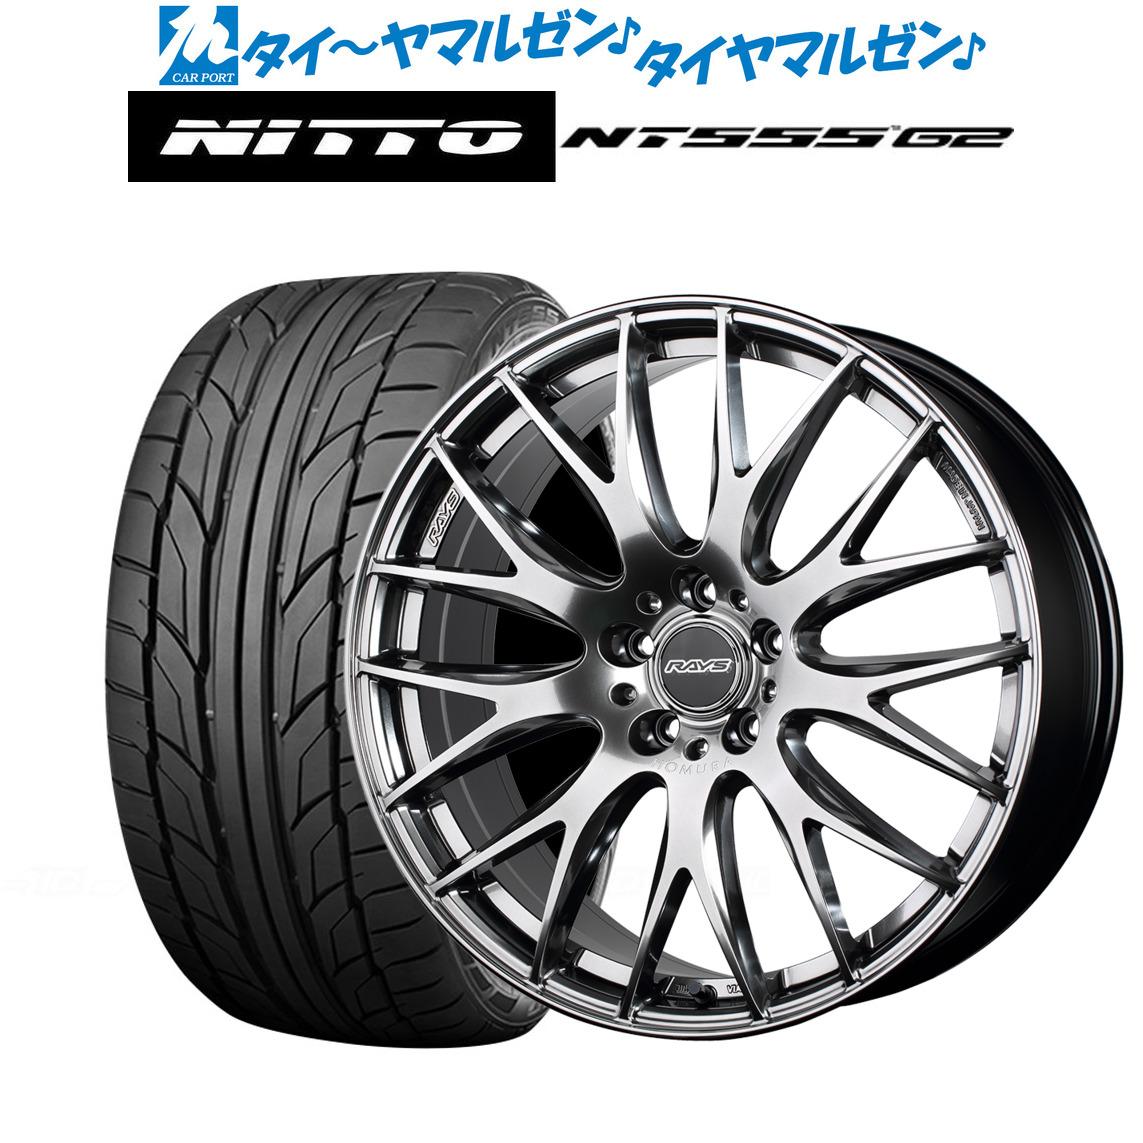 新品 225 45R18 サマータイヤ ホイール 4本セット 送料無料 4本セットレイズ HOMURA ホムラ NT555 18インチ G2 XL 95Y 7.5JNITTO Plusグレイスシルバー 出荷 2×9 QNK 人気商品